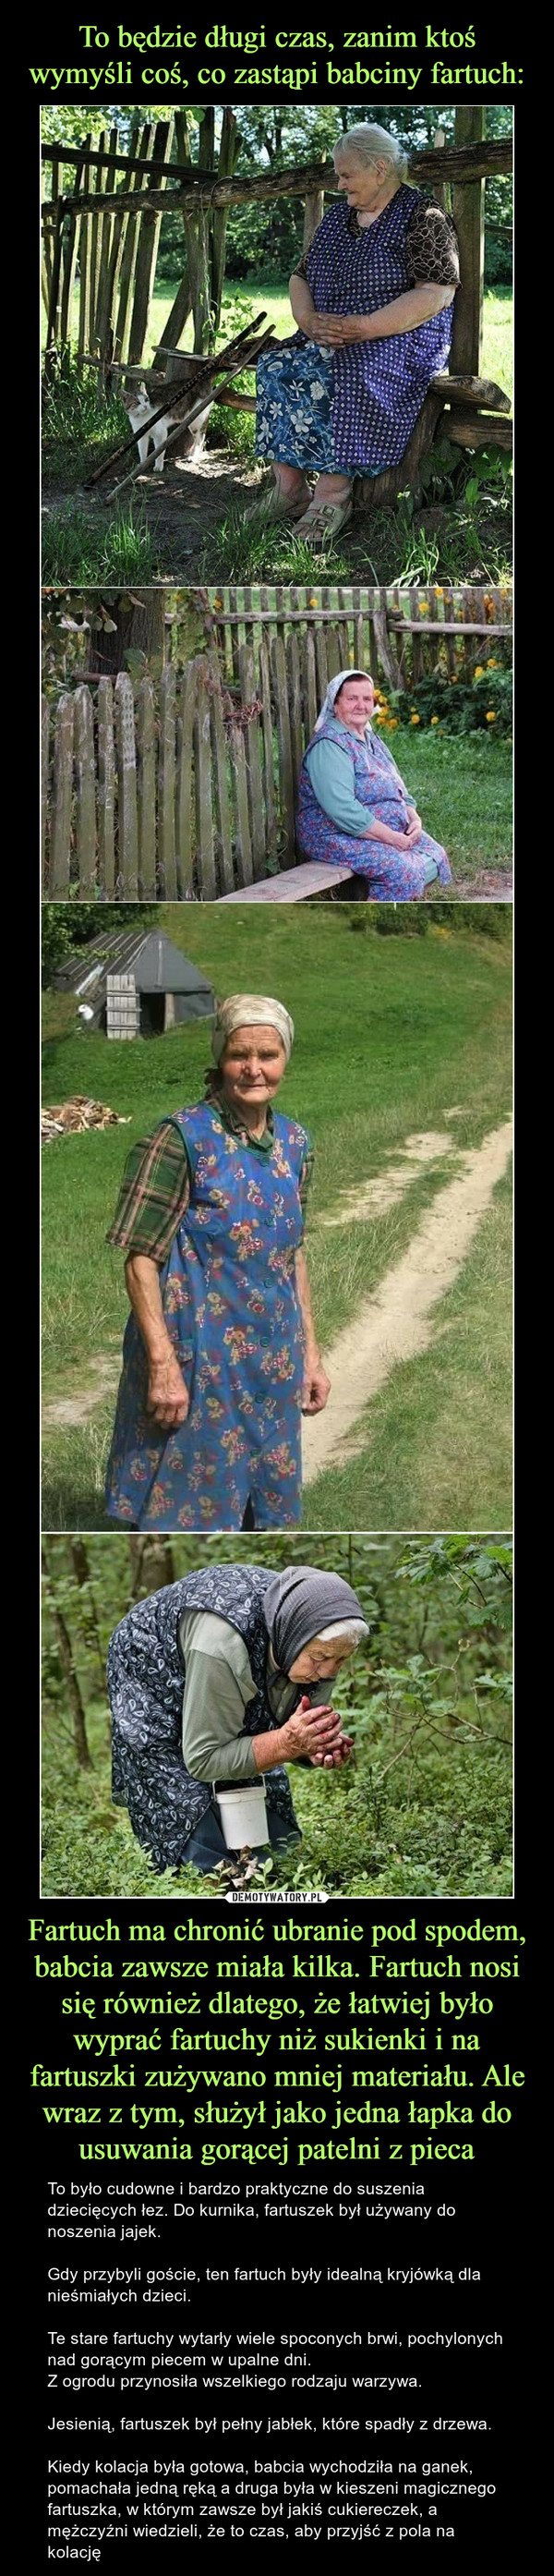 Fartuch ma chronić ubranie pod spodem, babcia zawsze miała kilka. Fartuch nosi się również dlatego, że łatwiej było wyprać fartuchy niż sukienki i na fartuszki zużywano mniej materiału. Ale wraz z tym, służył jako jedna łapka do usuwania gorącej patelni z pieca – To było cudowne i bardzo praktyczne do suszenia dziecięcych łez. Do kurnika, fartuszek był używany do noszenia jajek. Gdy przybyli goście, ten fartuch były idealną kryjówką dla nieśmiałych dzieci.Te stare fartuchy wytarły wiele spoconych brwi, pochylonych nad gorącym piecem w upalne dni.Z ogrodu przynosiła wszelkiego rodzaju warzywa. Jesienią, fartuszek był pełny jabłek, które spadły z drzewa.Kiedy kolacja była gotowa, babcia wychodziła na ganek, pomachała jedną ręką a druga była w kieszeni magicznego fartuszka, w którym zawsze był jakiś cukiereczek, a mężczyźni wiedzieli, że to czas, aby przyjść z pola na kolację